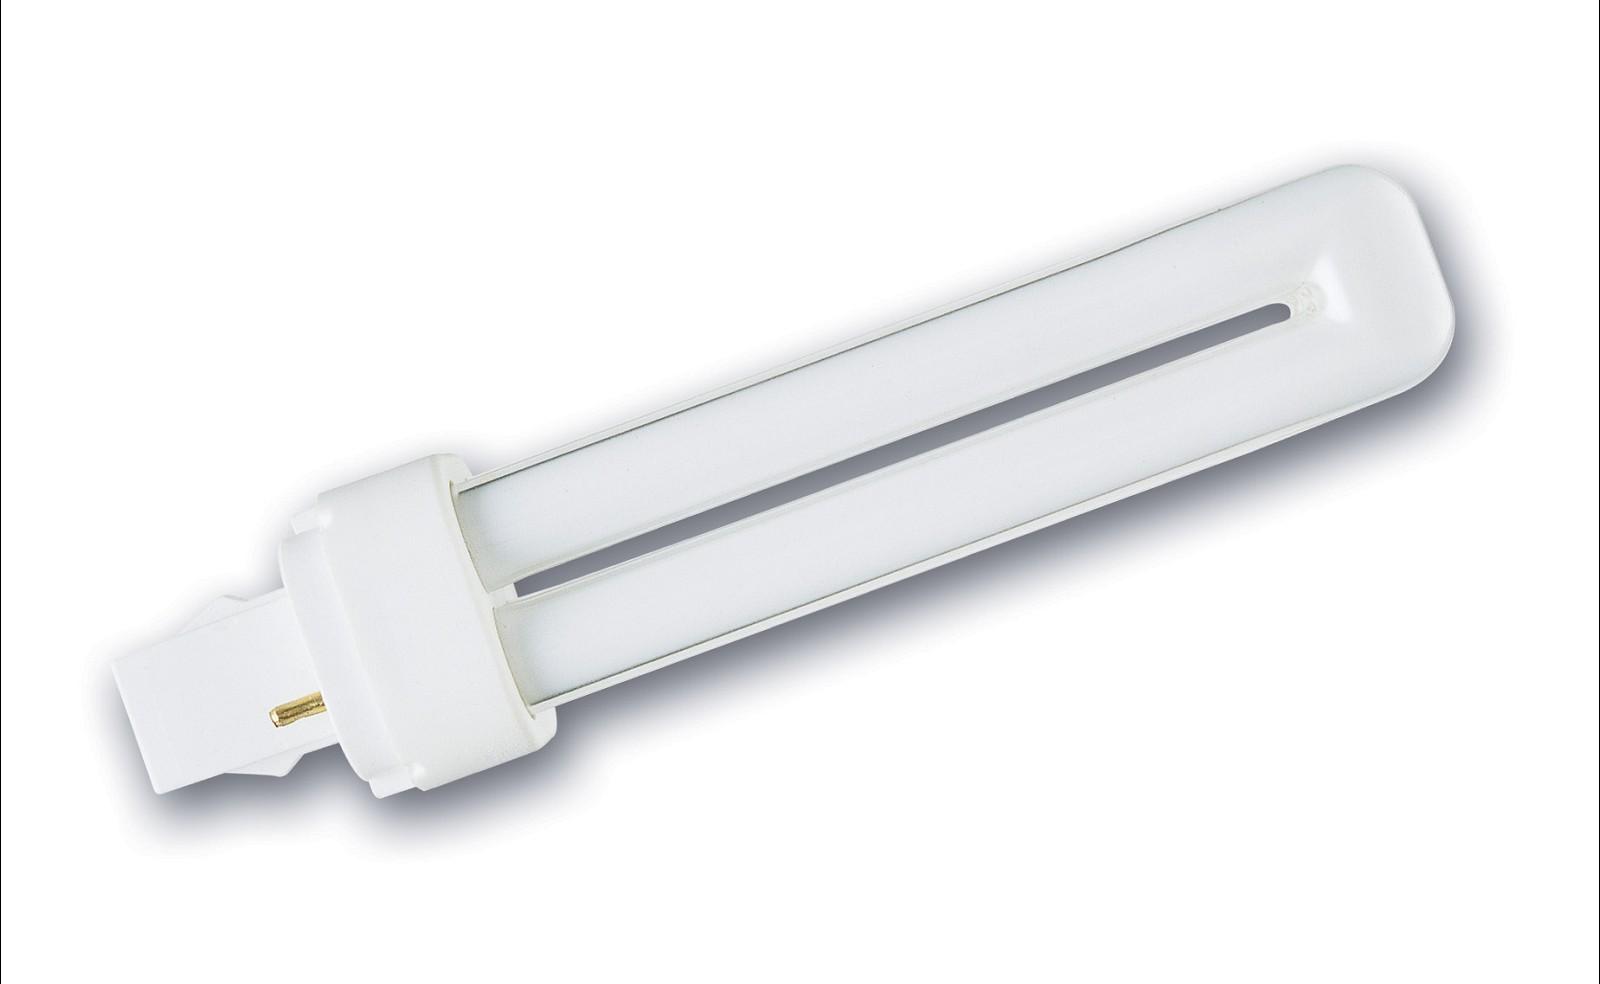 Ampoule éco fluocompacte SYLVANIA Lynx D G24d-2 18W 830